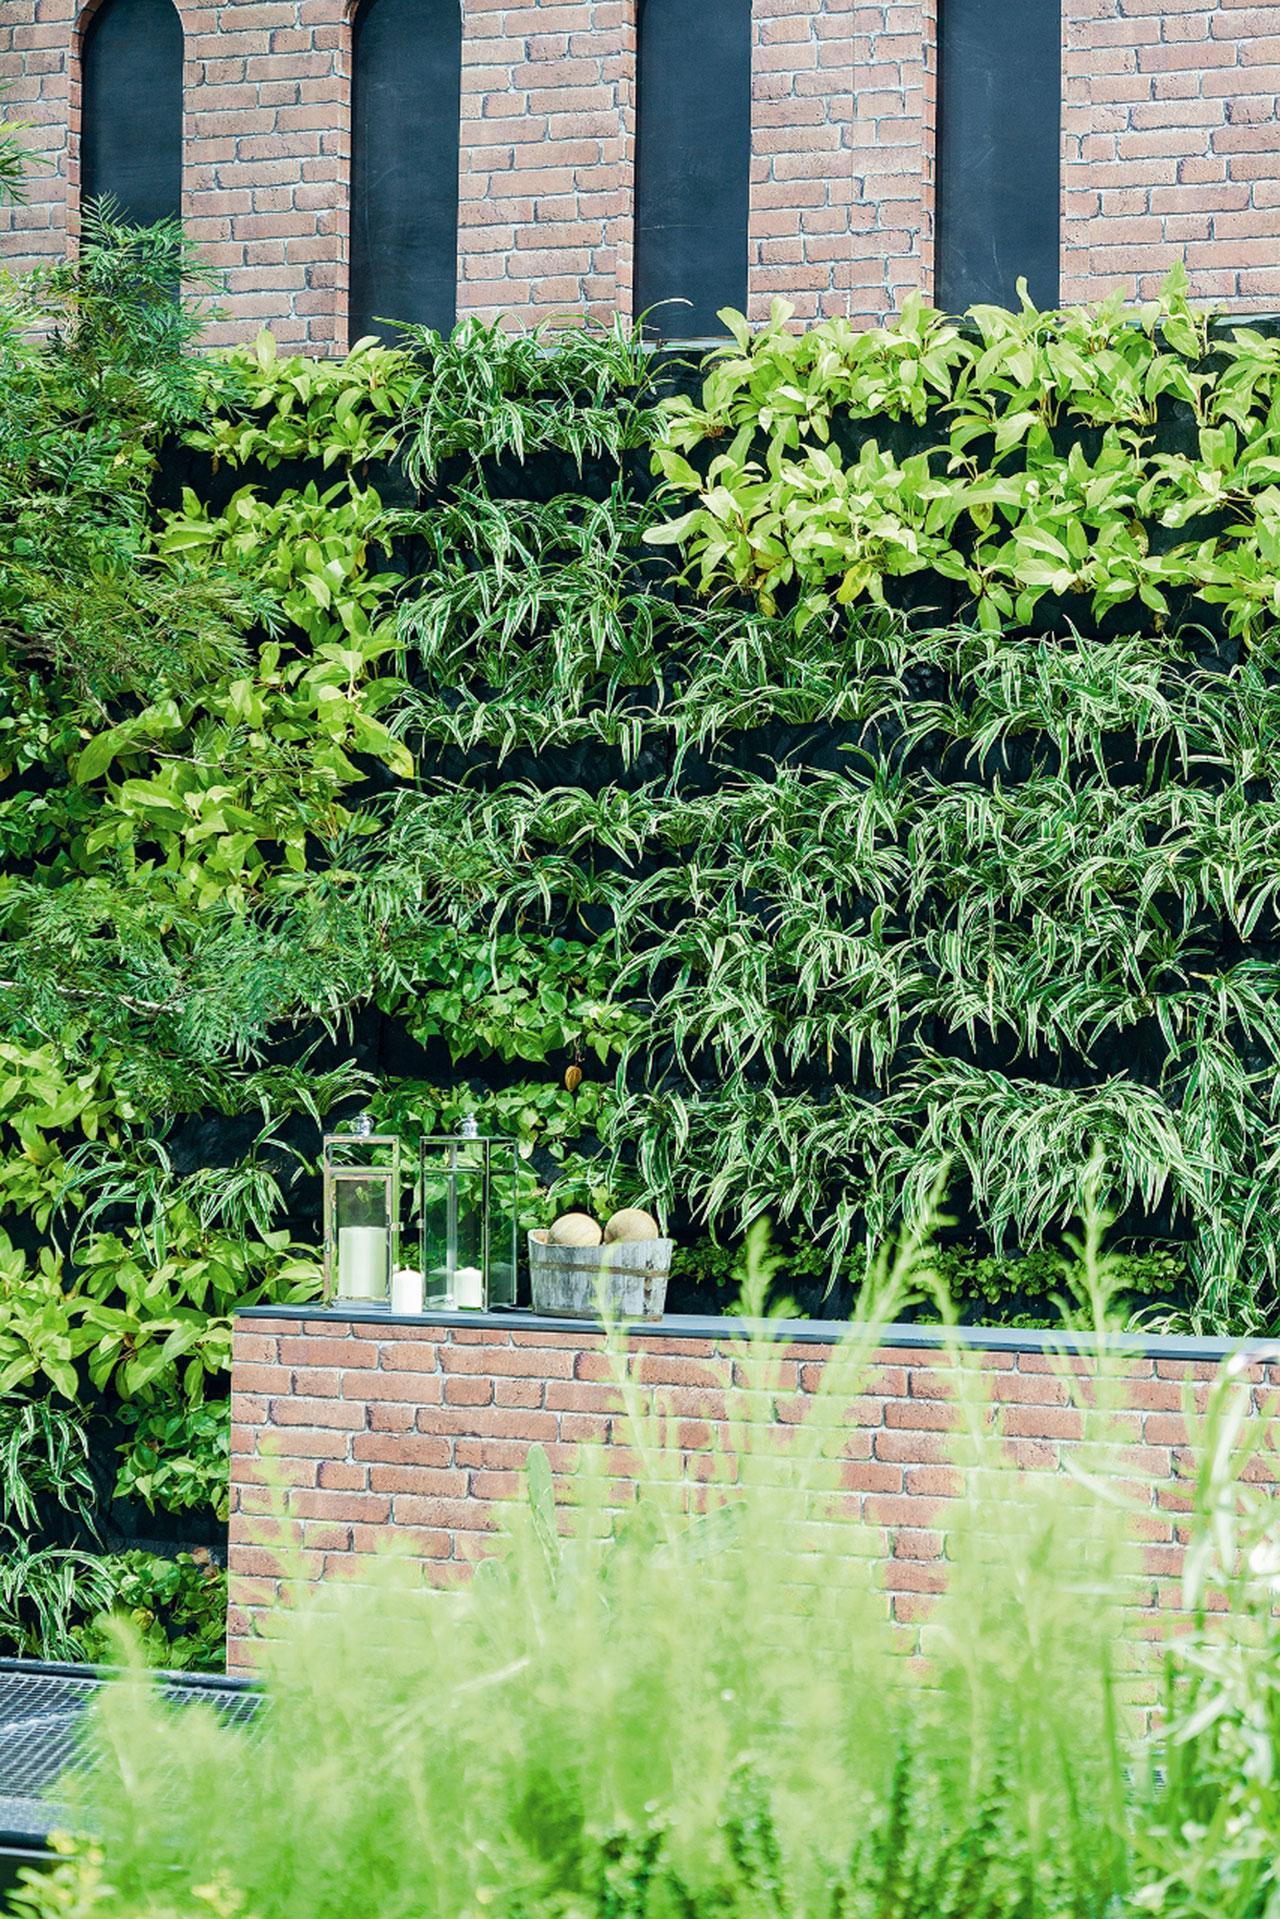 สวนแนวตั้งWallgrowของบุณยเกียรติฟาร์มใช้ตกแต่งสวนโชว์ในงานบ้านและสวนแฟร์2016 สร้างมิติในแนวดิ่งได้ดีและช่วยเพิ่มพื้นที่สีเขียวได้อย่างน่าสนใจอีกทั้งยังให้ความรู้สึกเหมือนผนังที่ปล่อยให้ต้นไม้ขึ้นตามธรรมชาติ